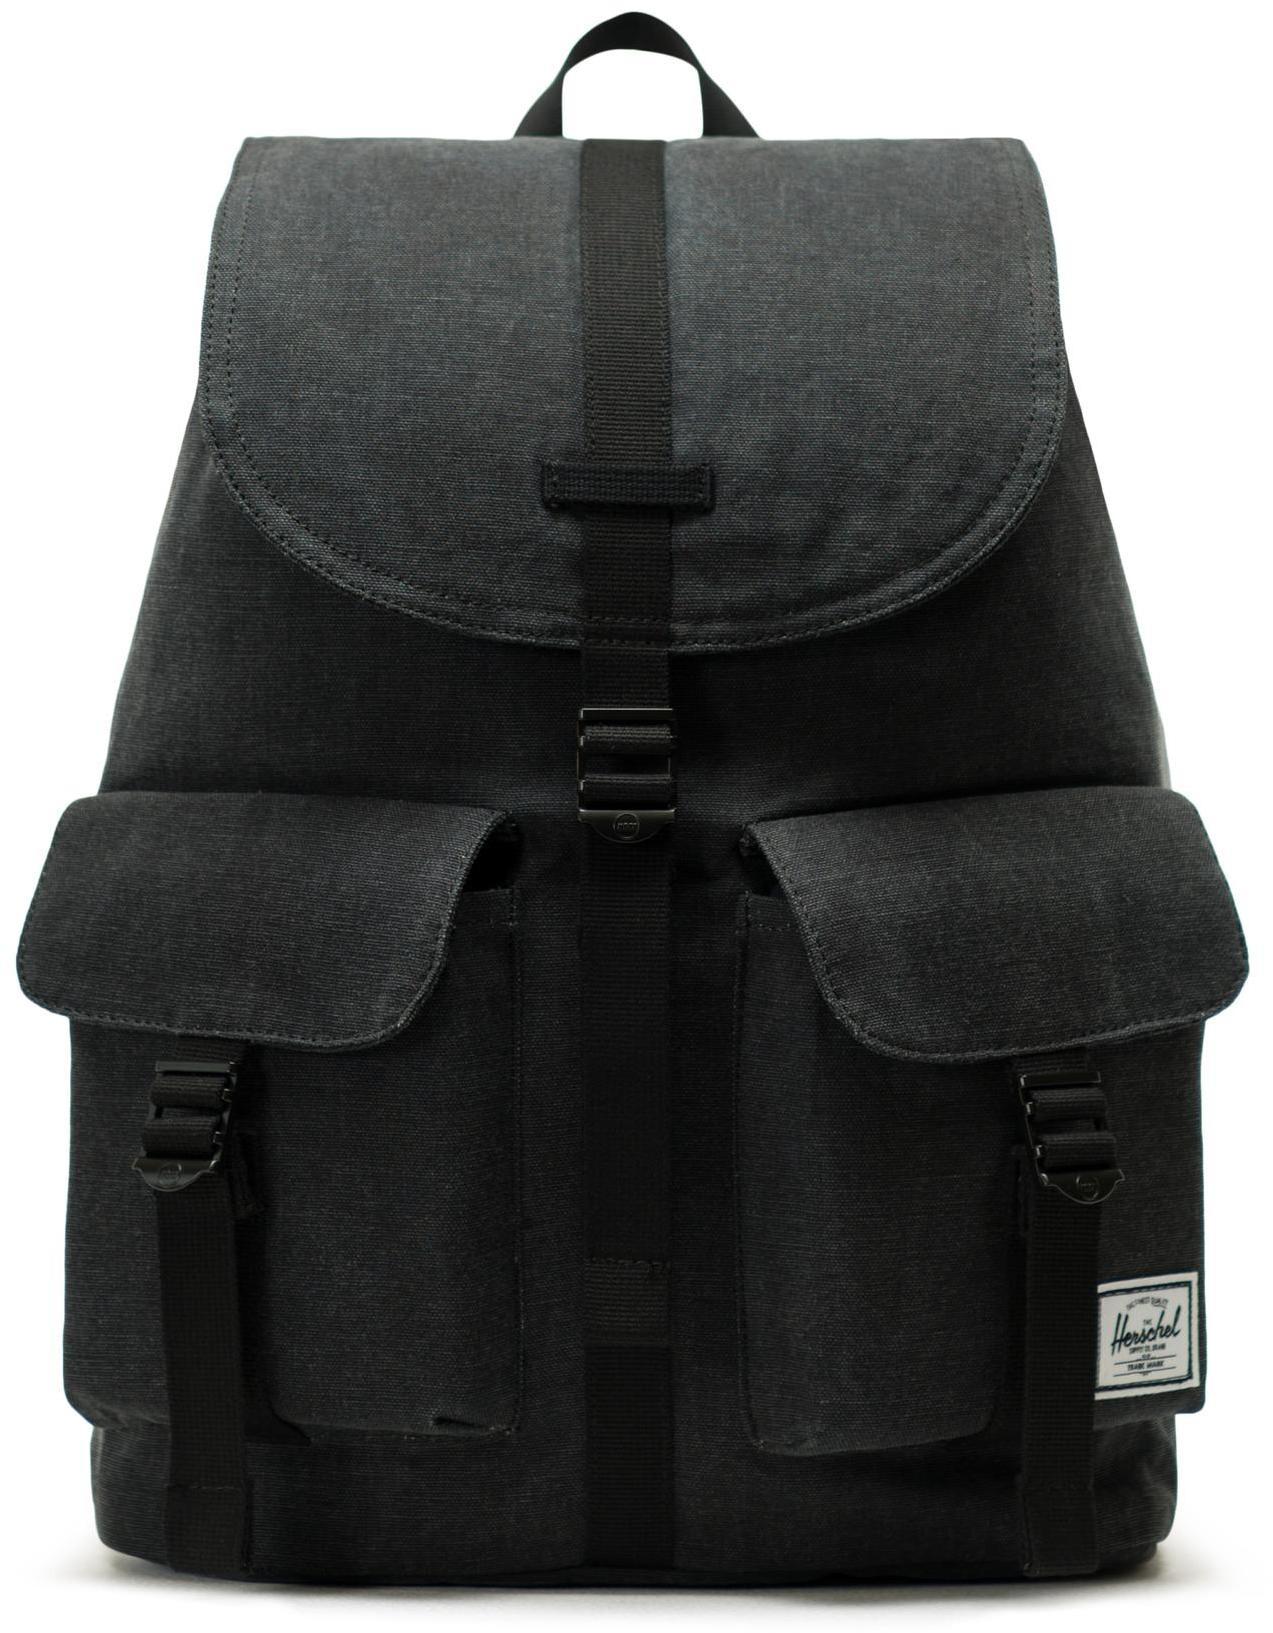 Herschel Dawson Rygsæk, black (2019)   Rygsæk og rejsetasker